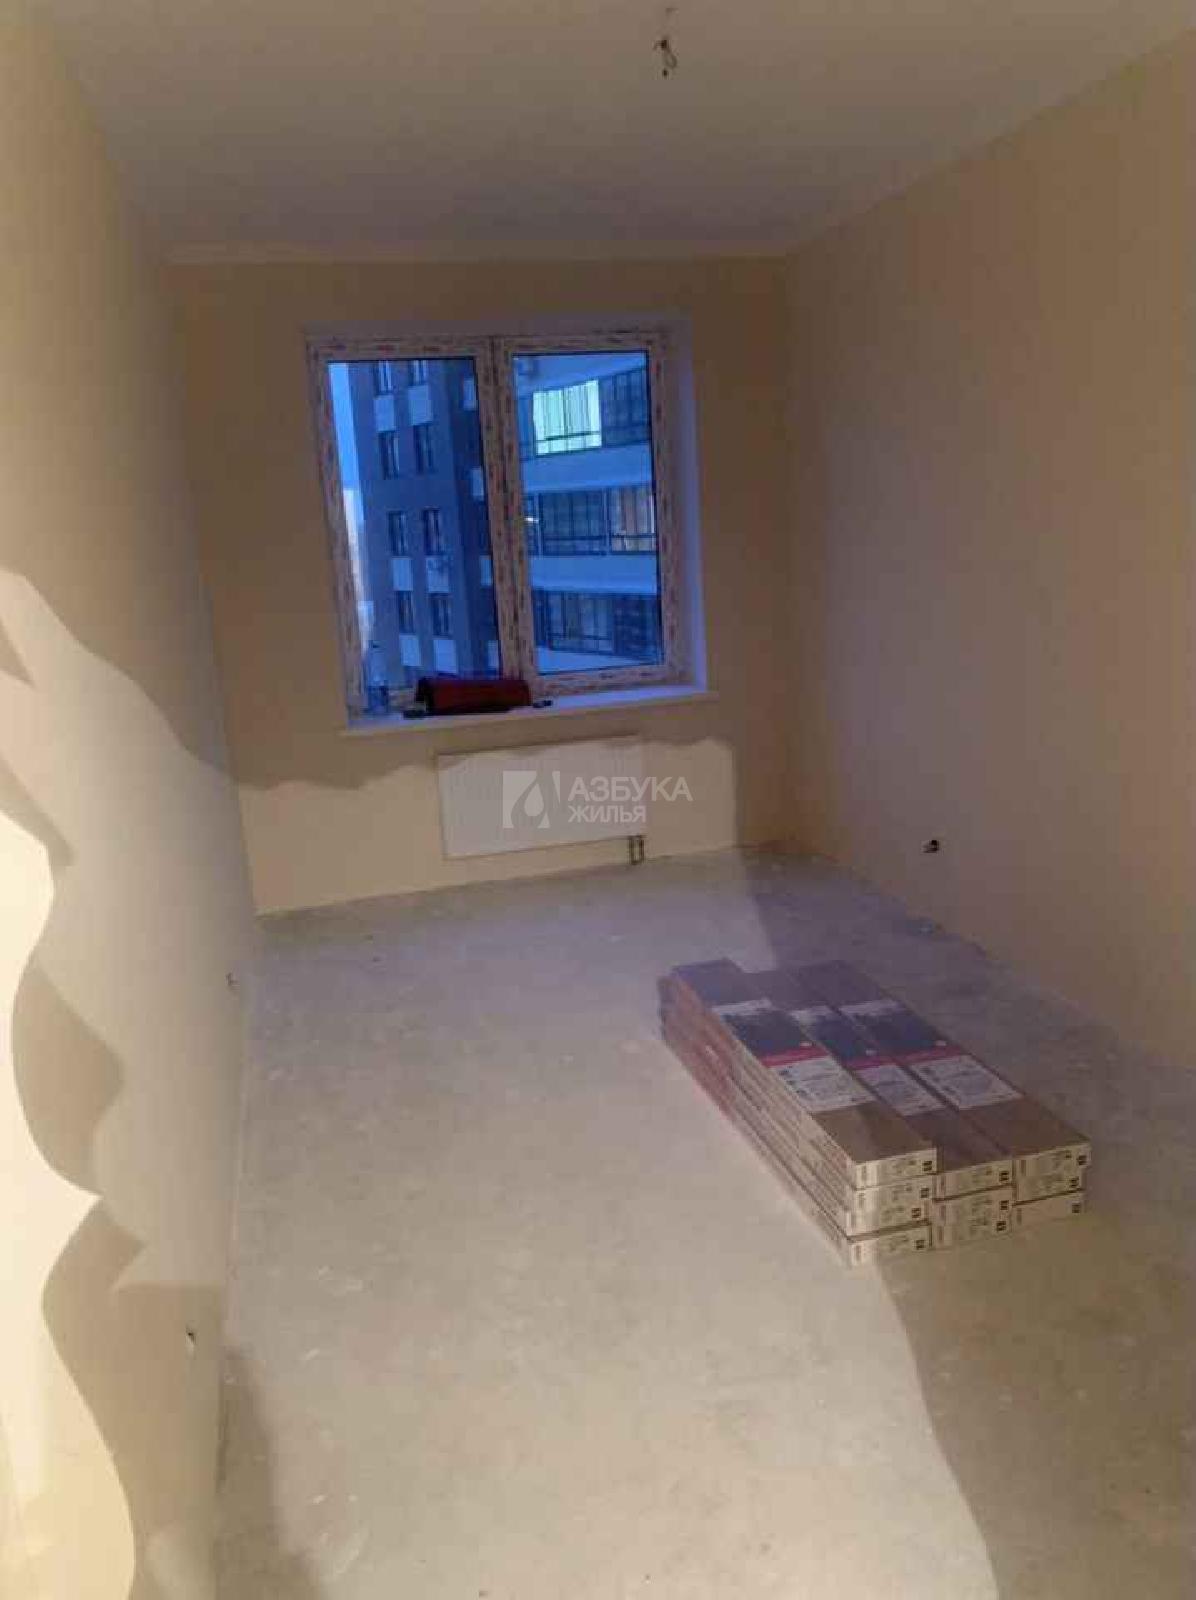 Фото №5 - 2-комнатная квартира, Красногорск, Центральный проезд 21, метро Митино